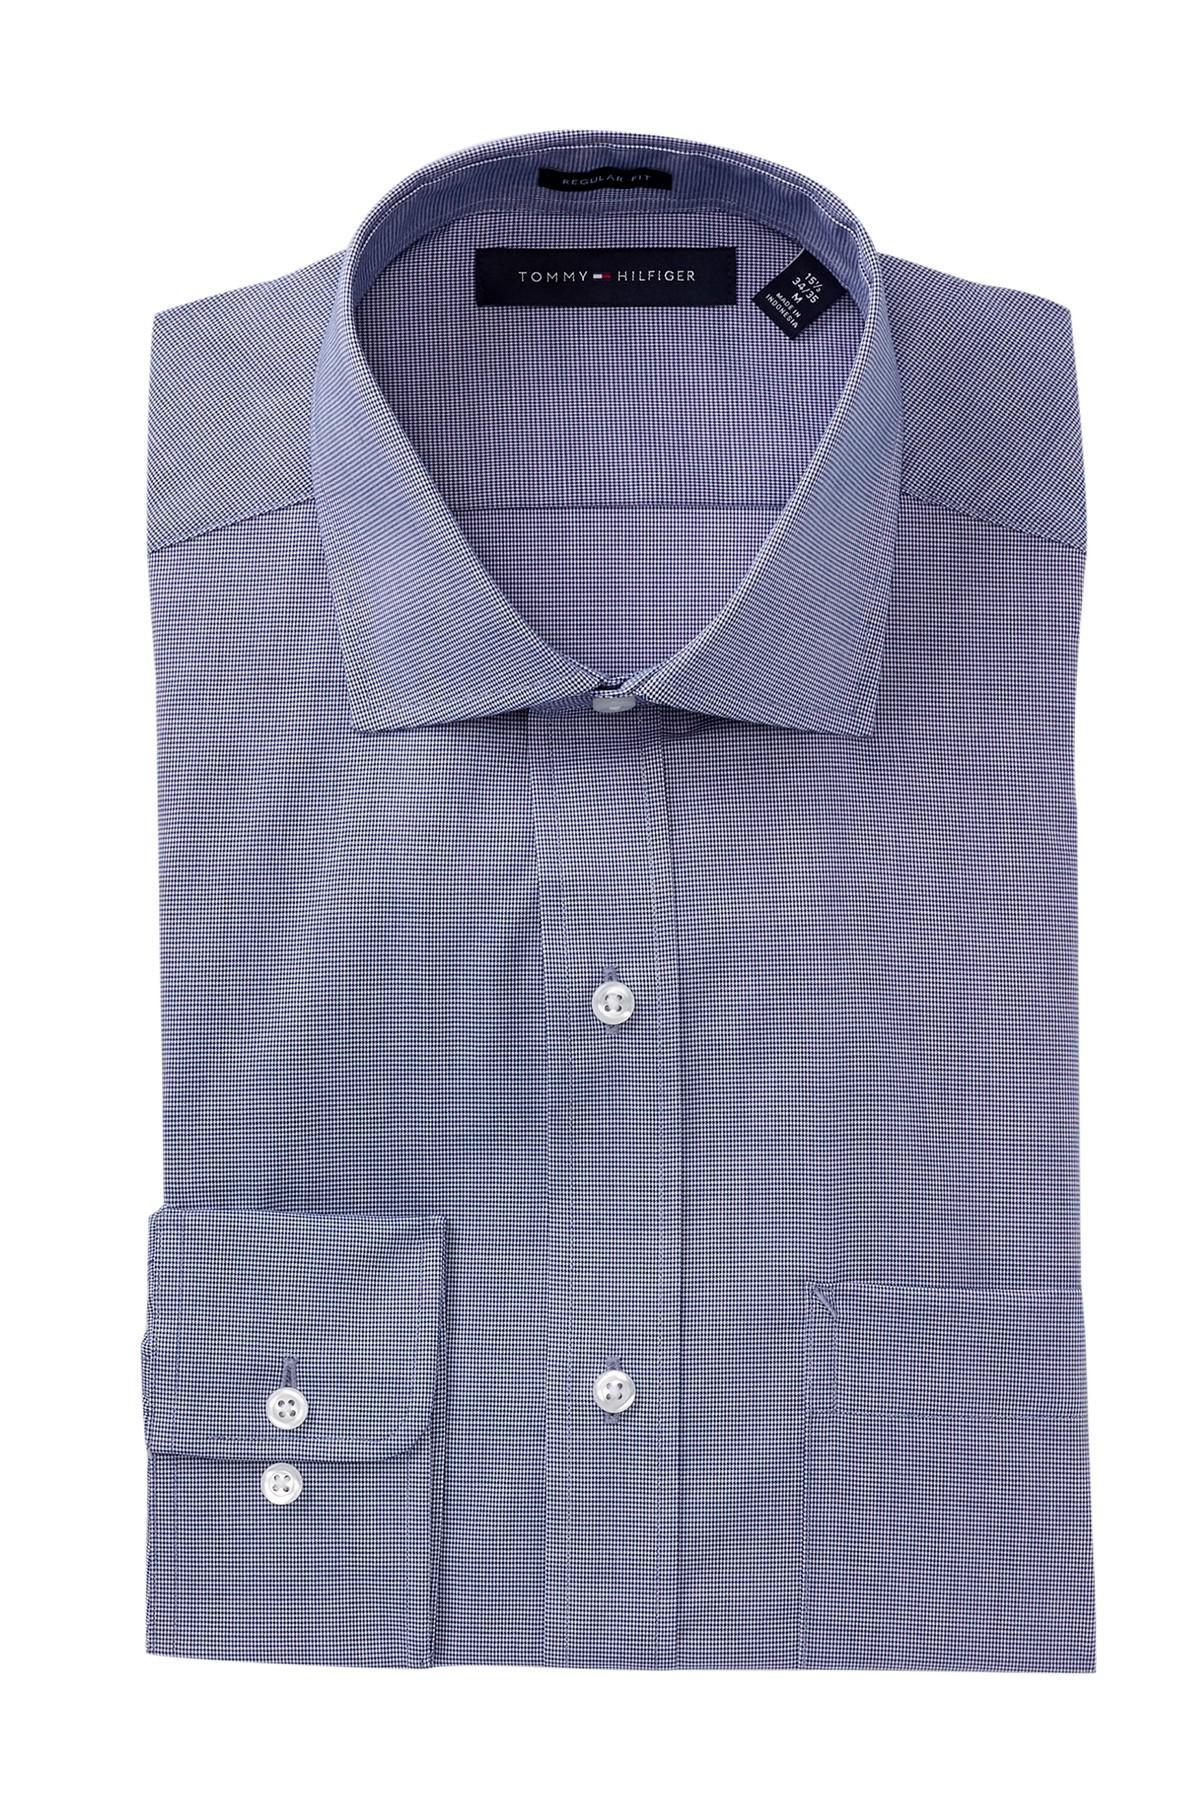 Lyst tommy hilfiger regular fit poplin dress shirt in for Regular fit dress shirt